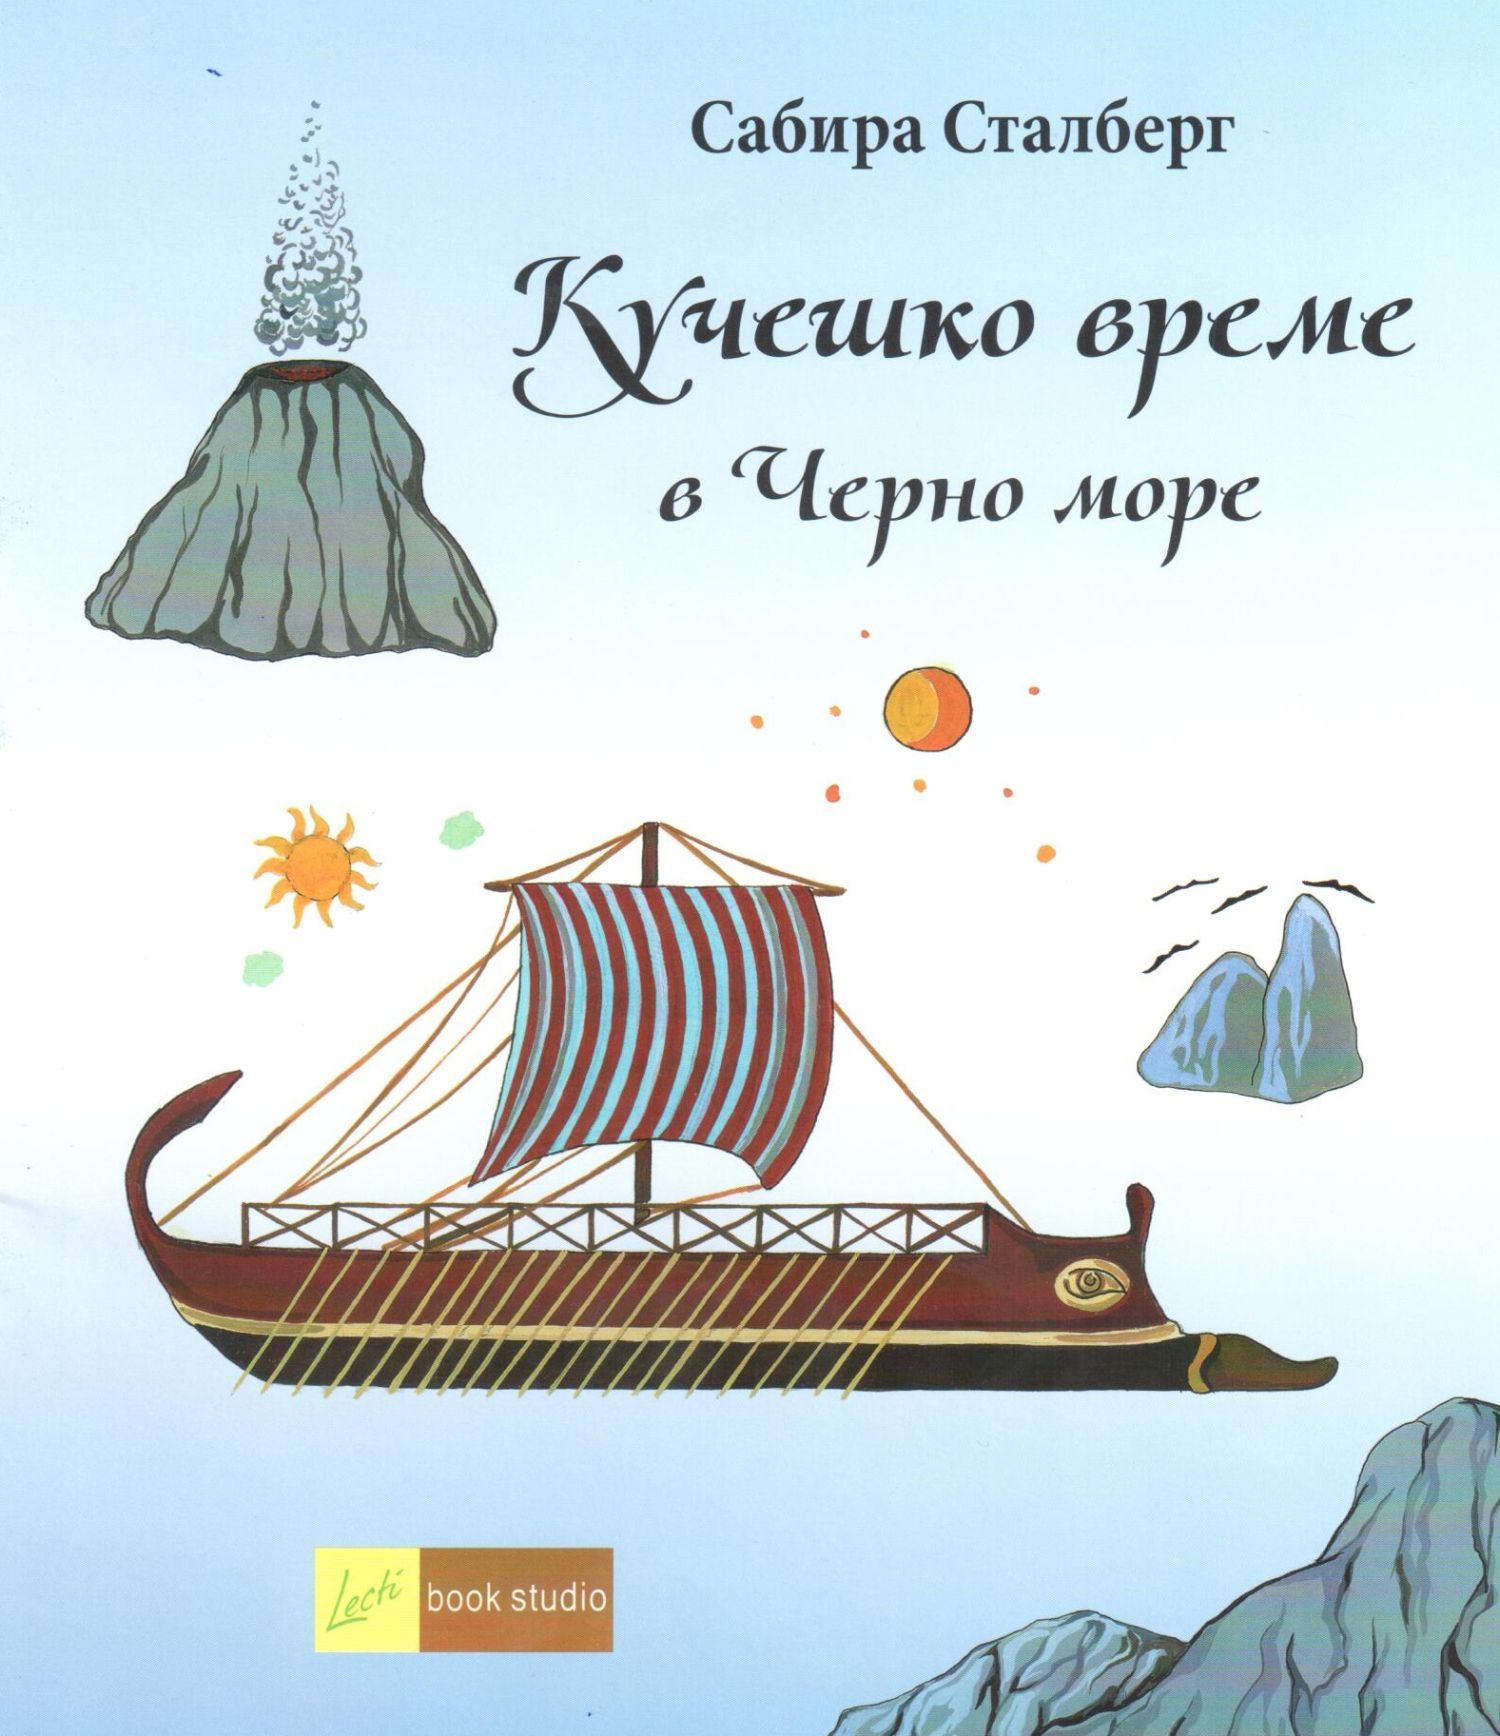 Кучешко време в Черно море - 1